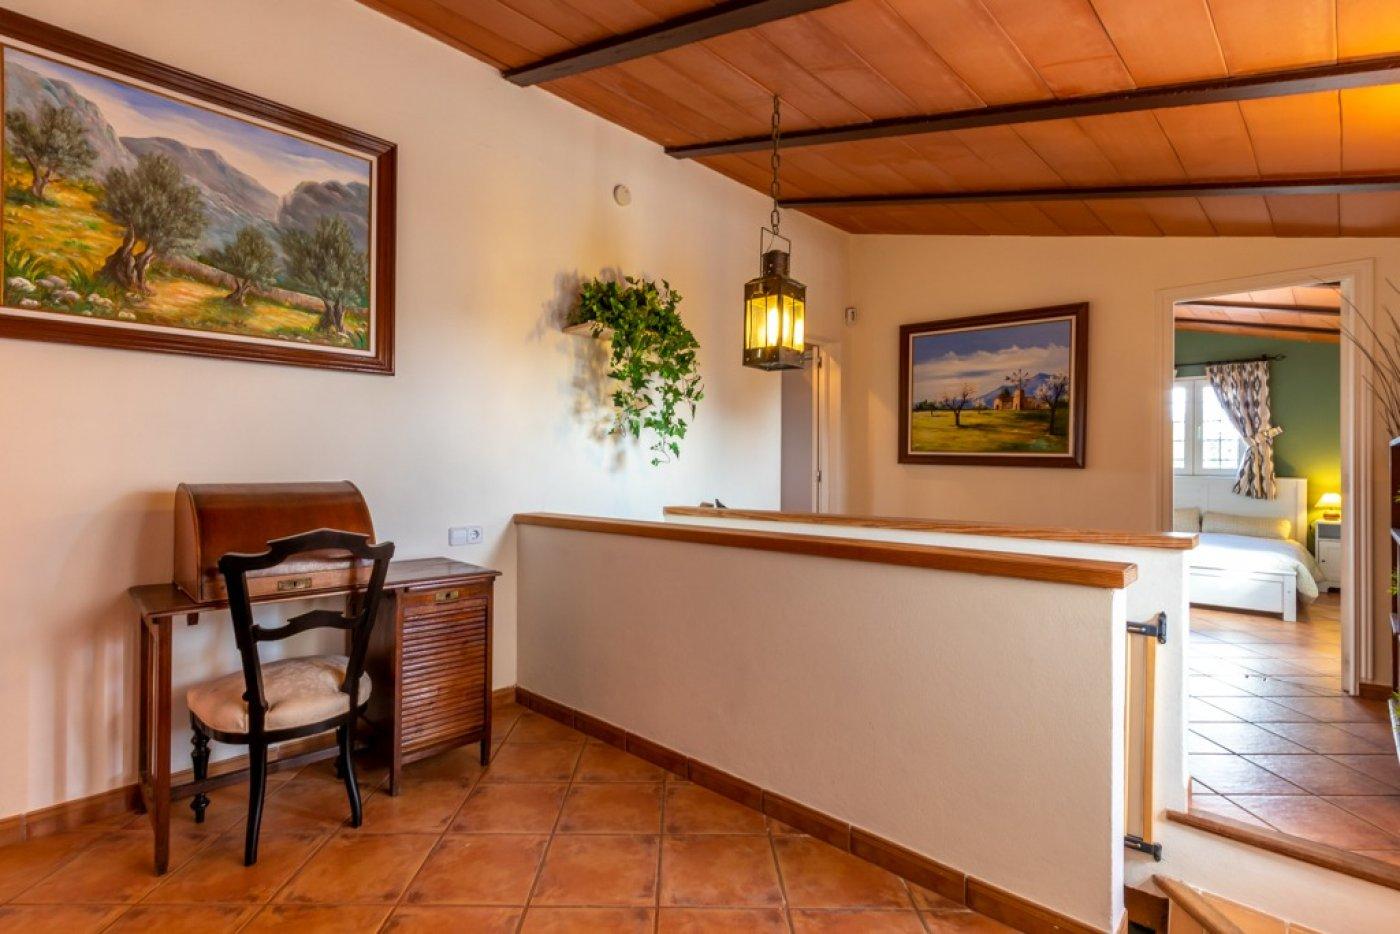 Magnifica villa en ses salines - can somni - ideal inversores turÍsticos - imagenInmueble25